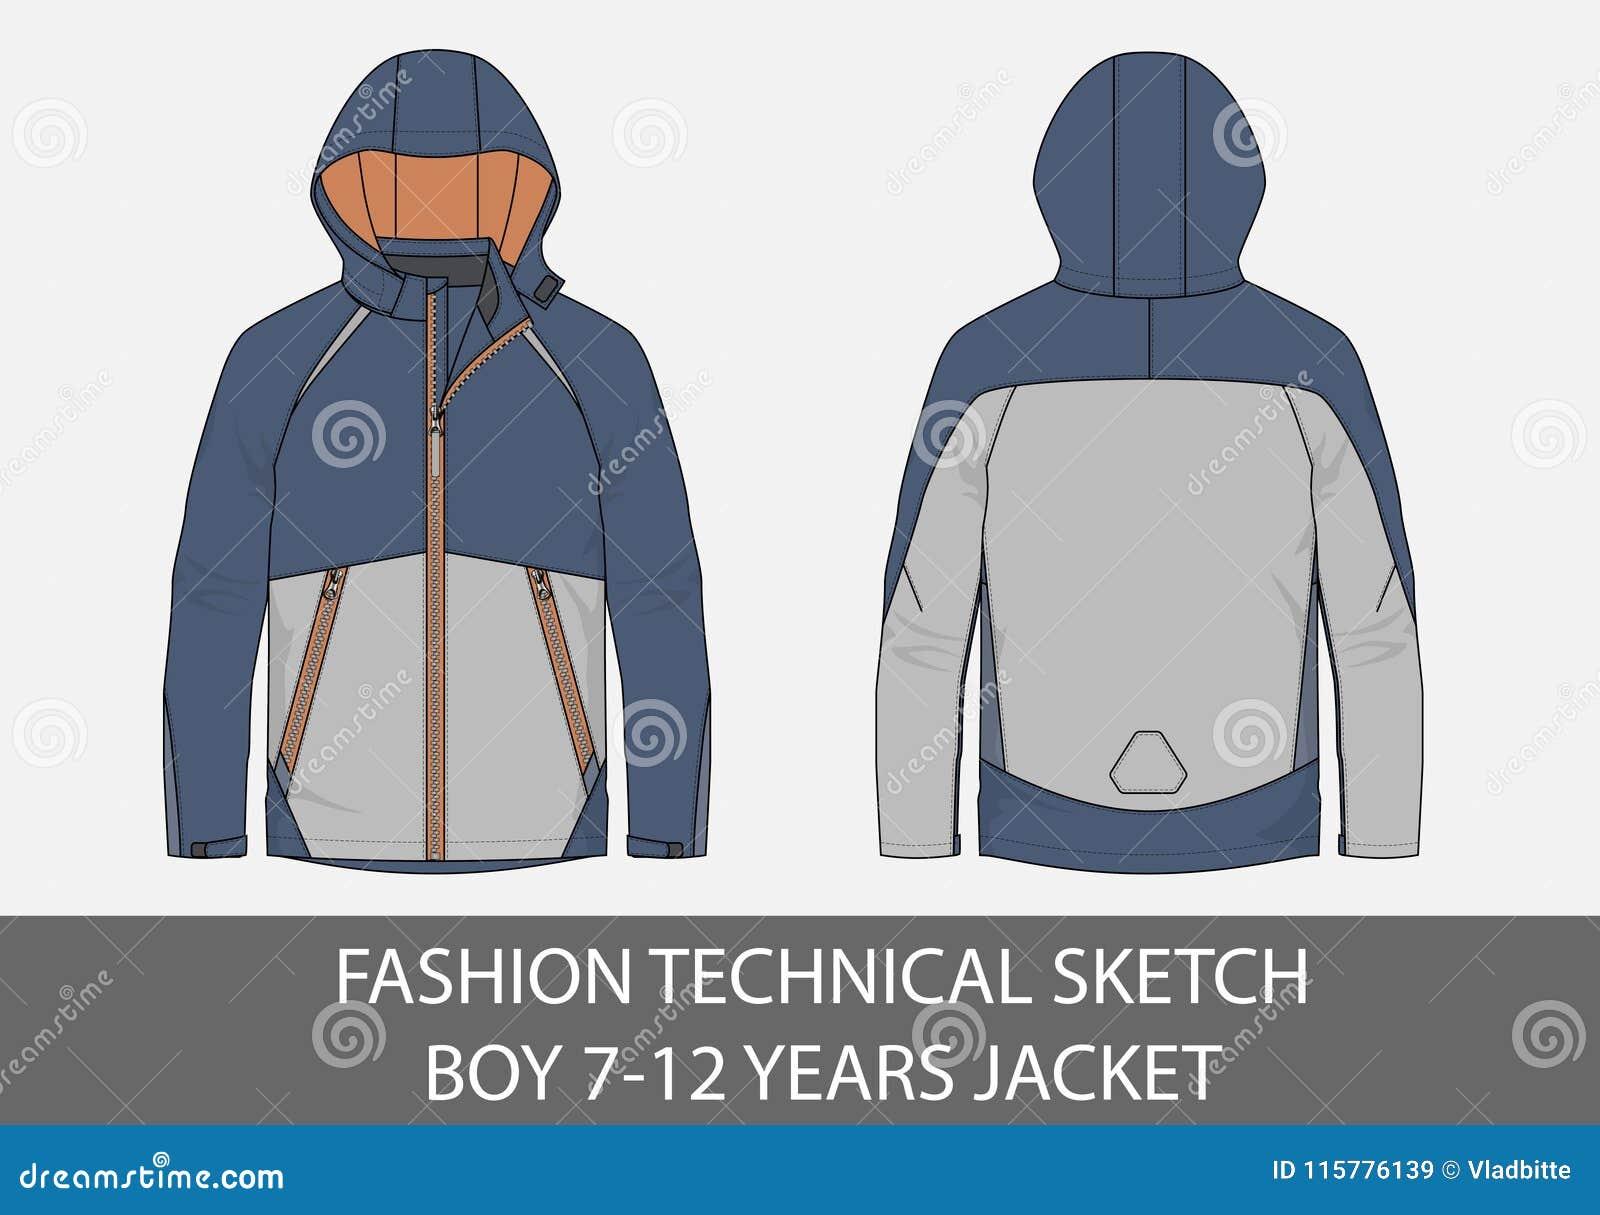 Forme a esboço técnico para o menino 7-12 anos de revestimento com capa